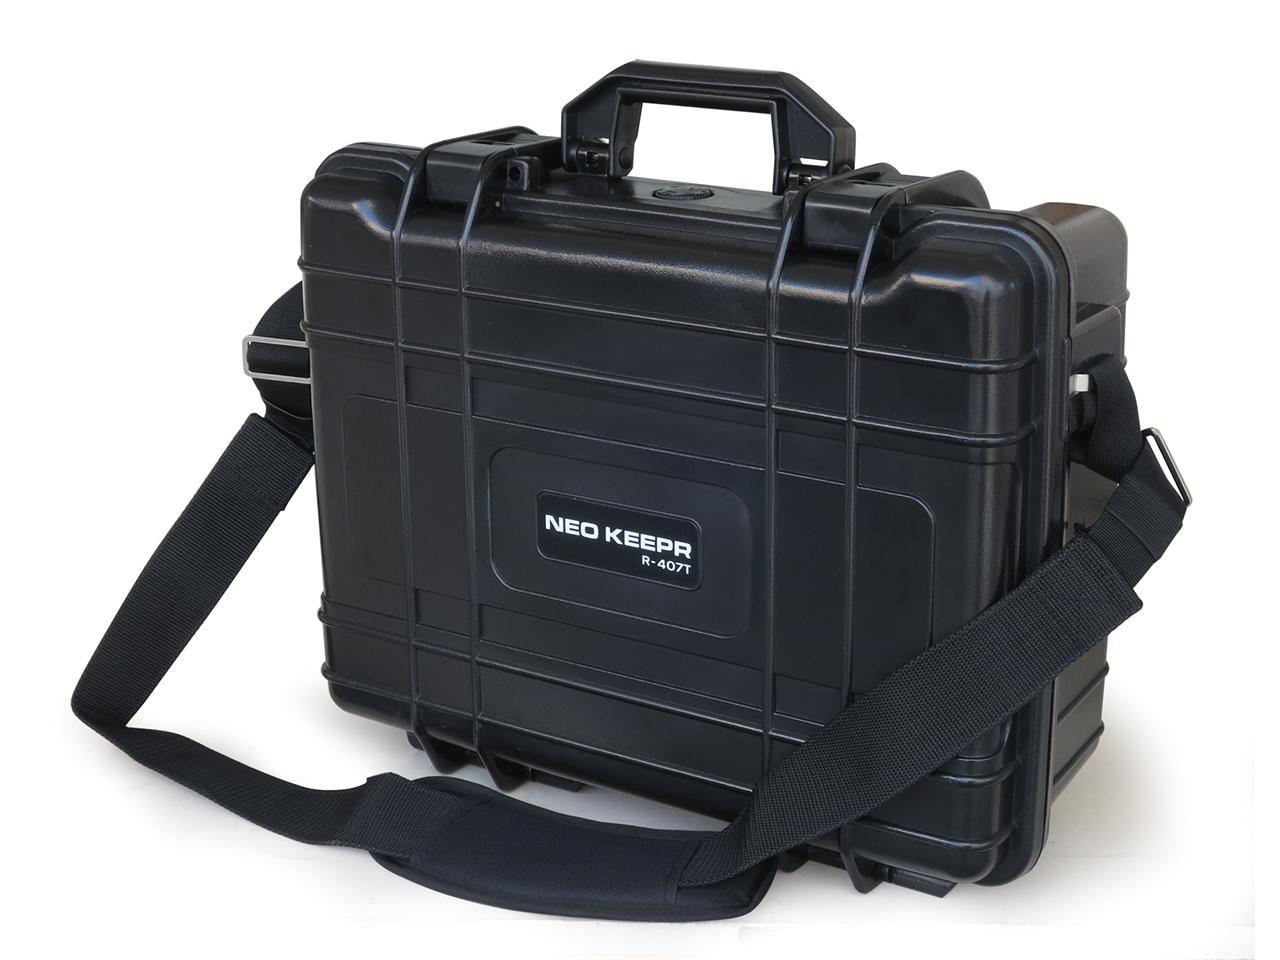 防水工具箱 NEO KEEPER R407T 72608